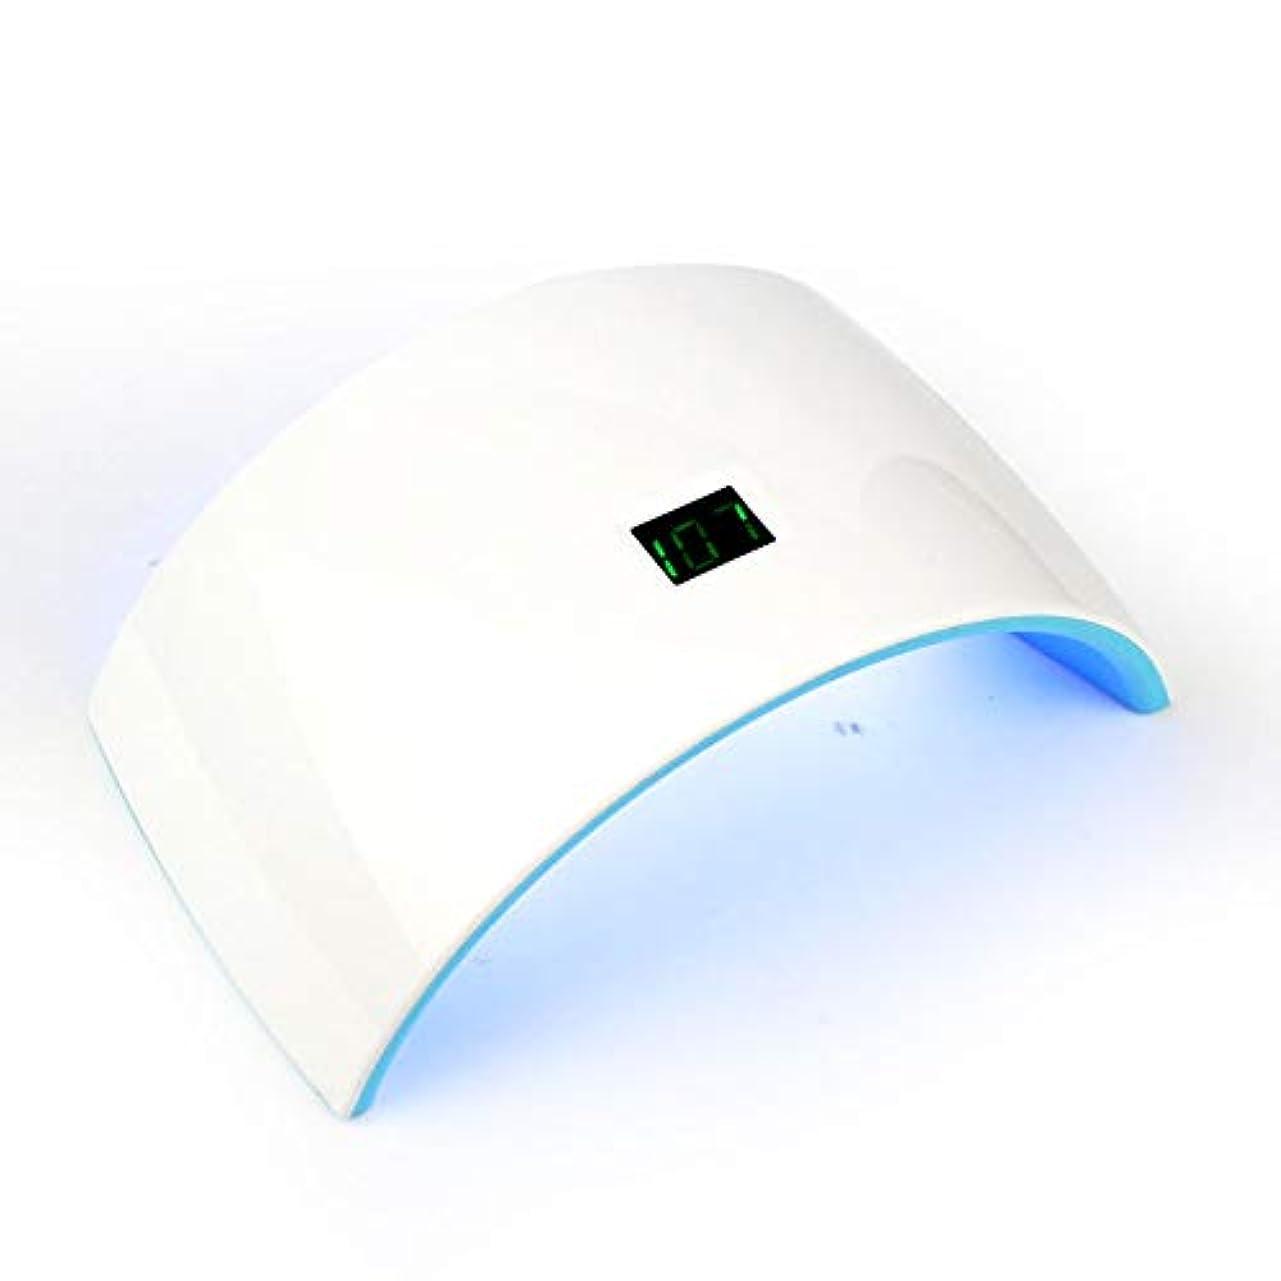 印象的ランデブー雨のボタン療法のない導かれた光線療法の釘機械30W作り付けのリチウム電池15ランプのビードの振動調節